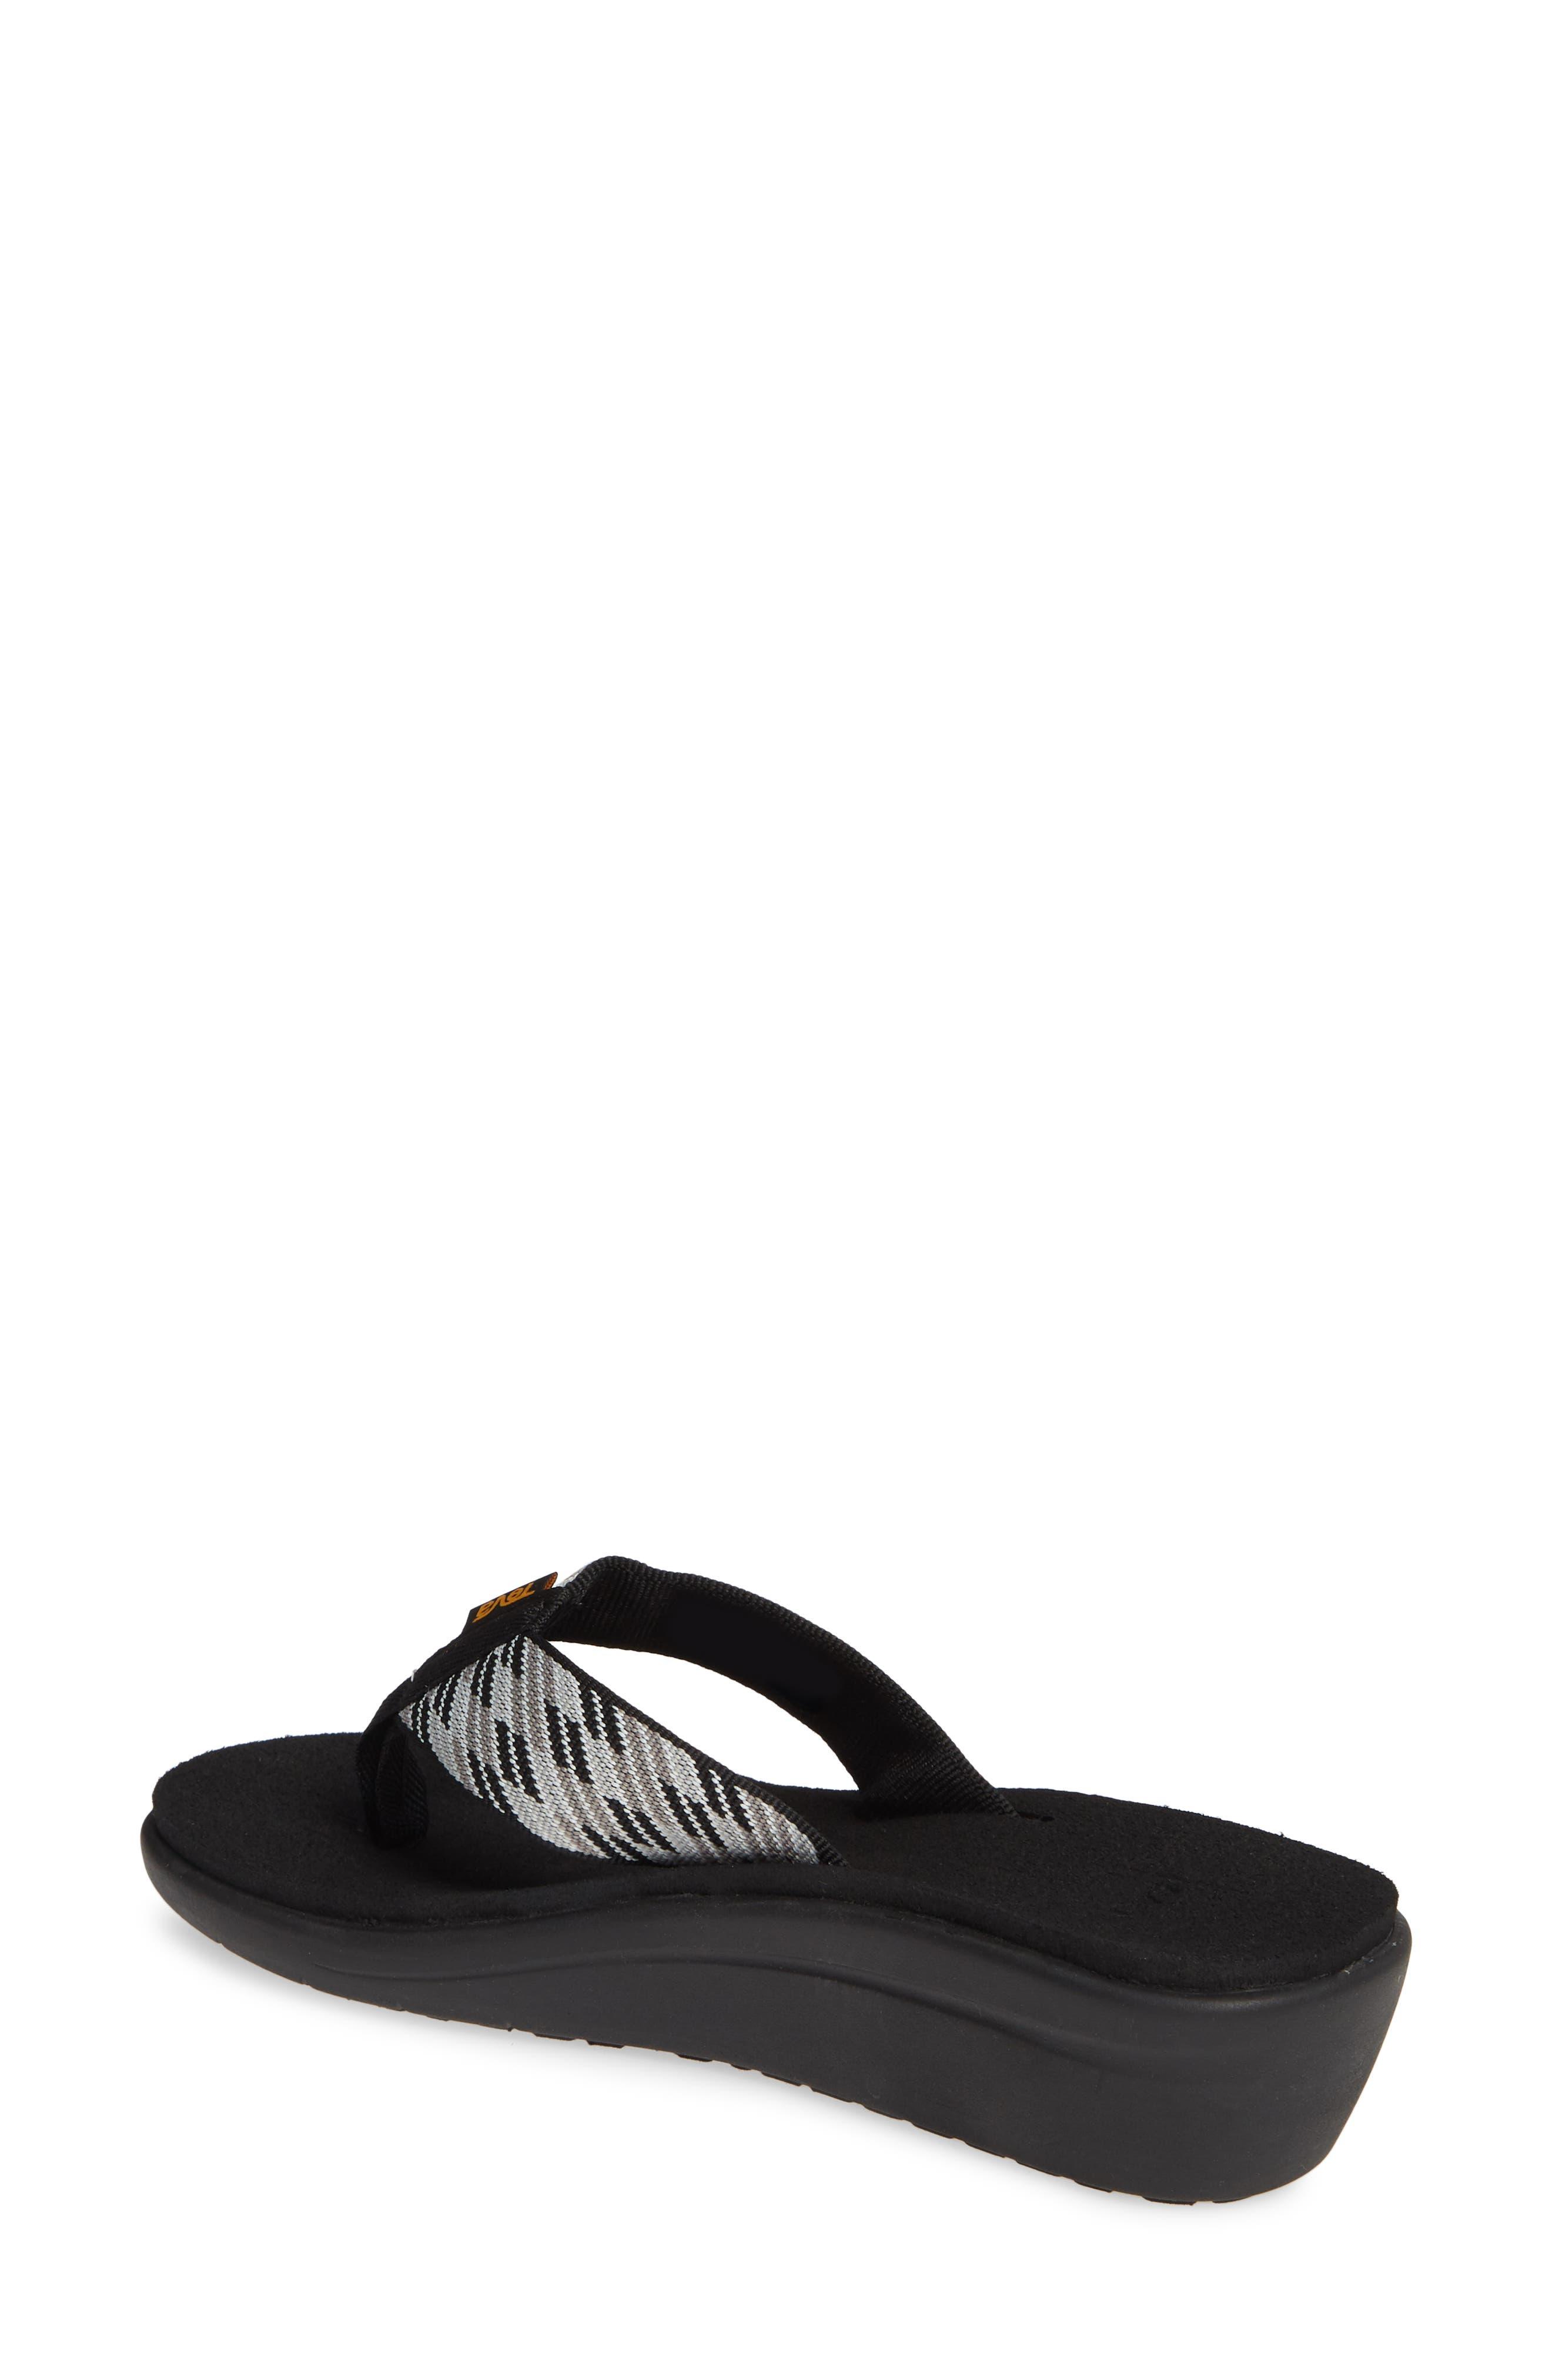 e71f80de6e51 Teva Flip-Flops   Sandals for Women